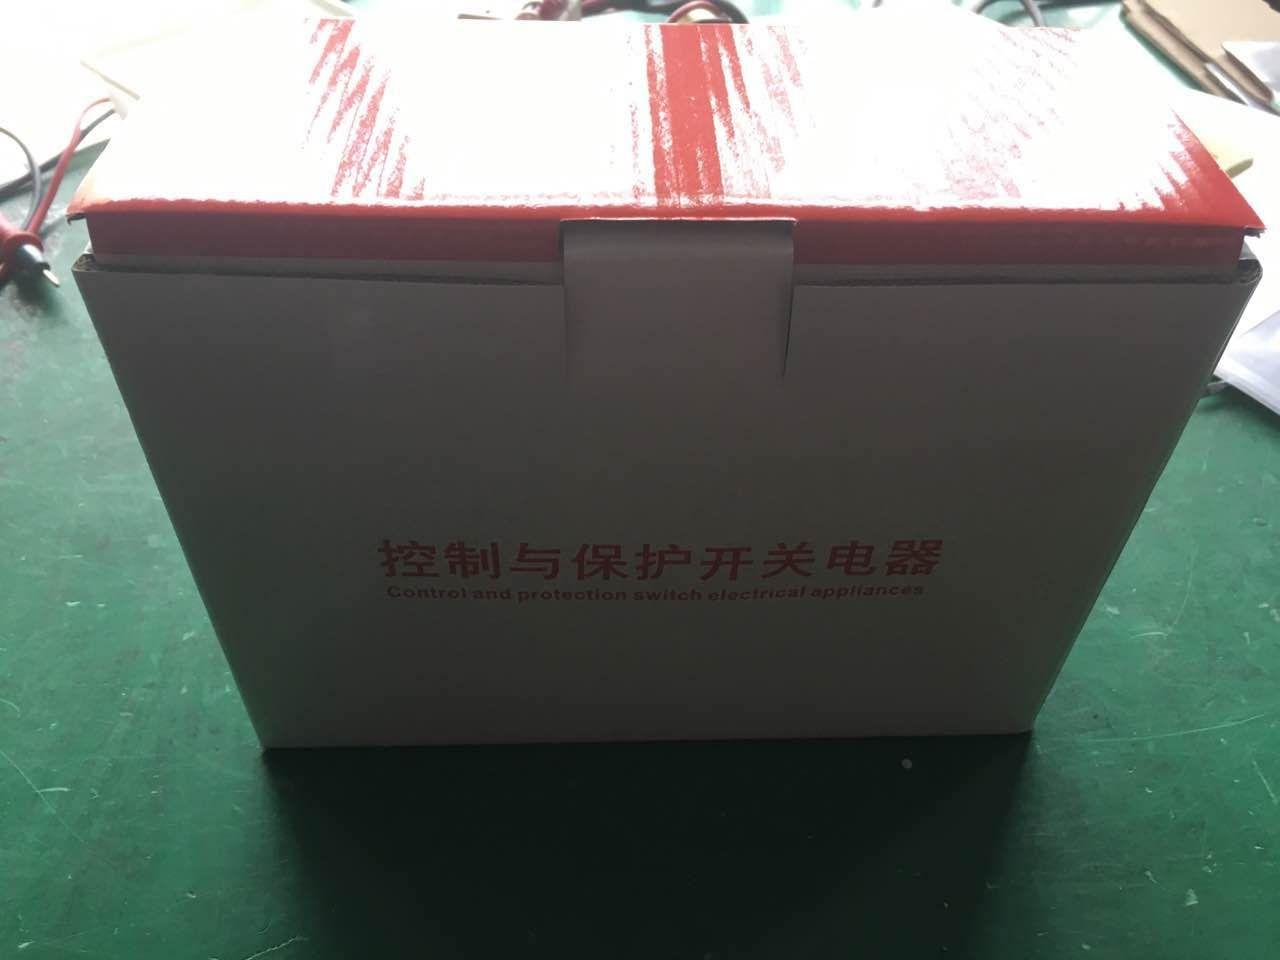 蛟河CKDB3-C1042 直流小型断路器品牌